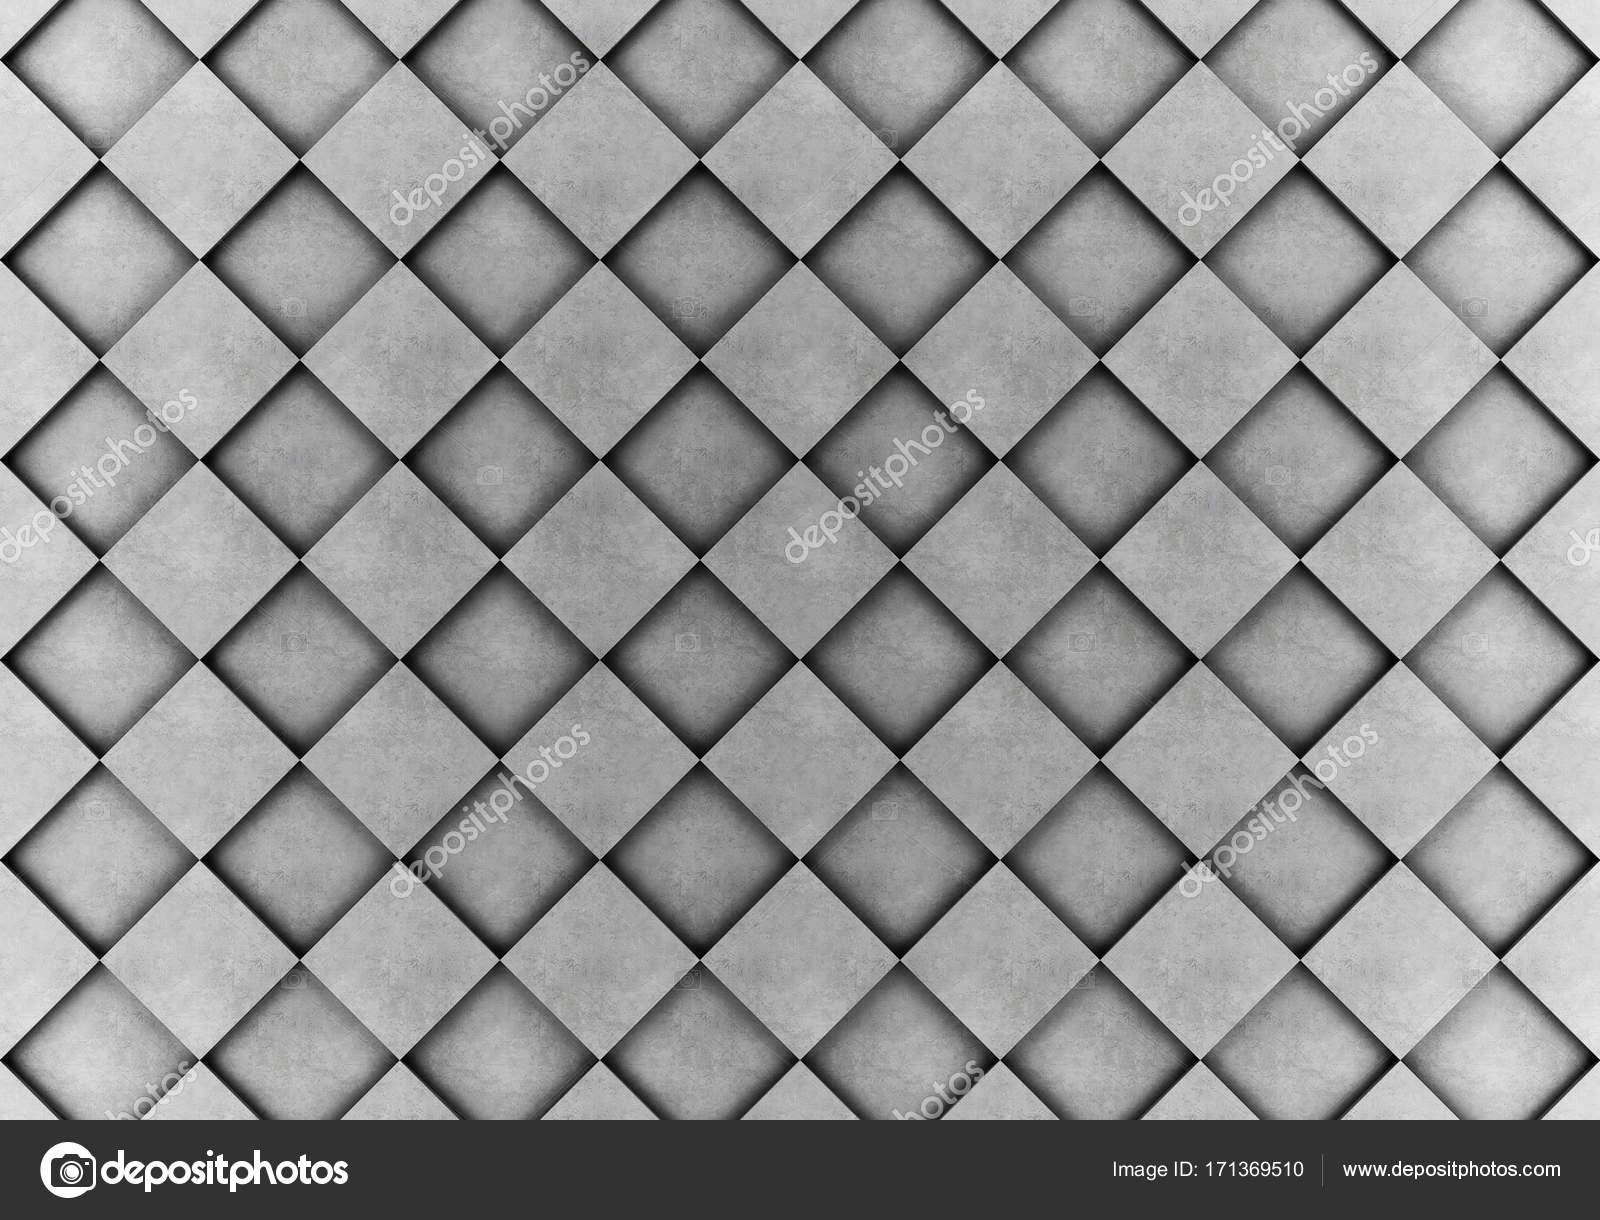 1bd217064 Stěny z betonových kostek v šachovnicový vzor — Stock Fotografie ...